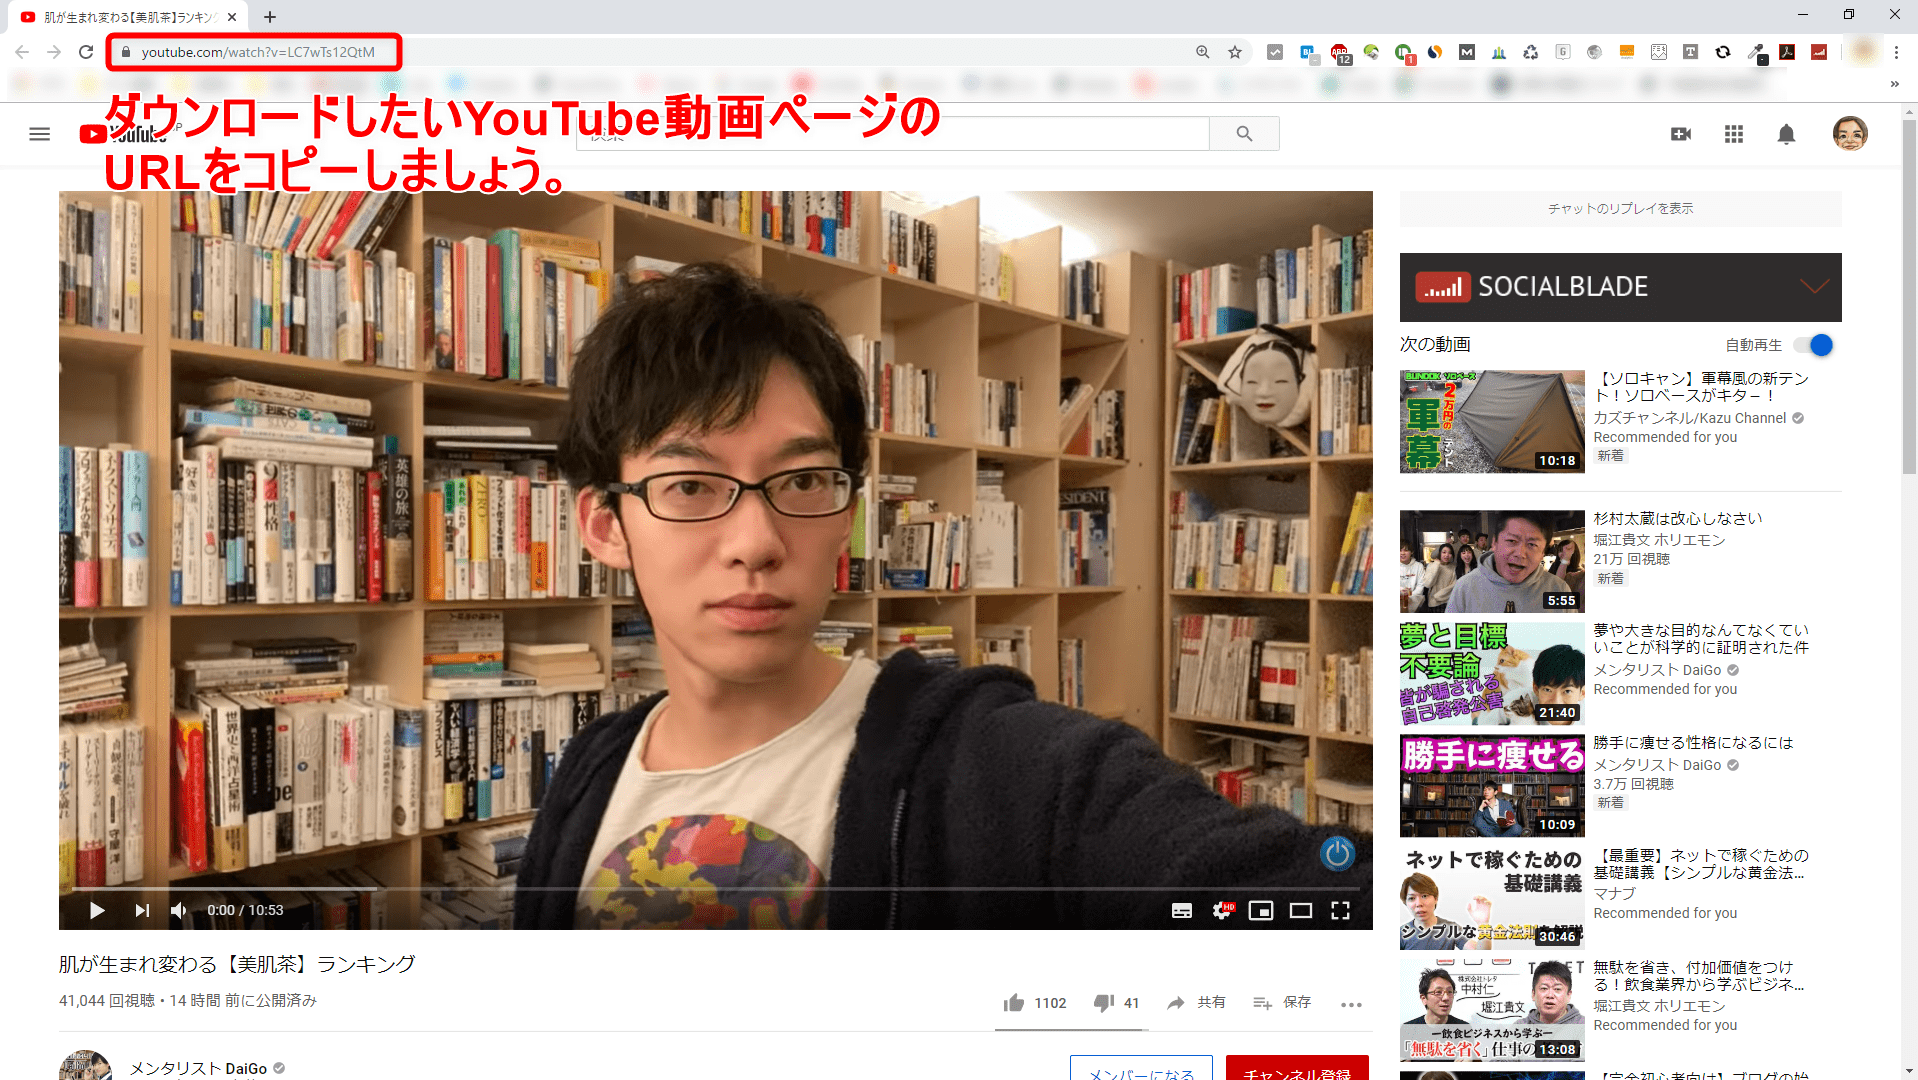 【YouTube動画のダウンロード保存方法】iPhoneでYouTubeをオフライン再生!パソコンに保存してウェブ動画をスマホで観る|便利ソフトVideoProcで簡単DL|YouTube動画をダウンロード保存する方法:ここでいったんYouTubeにアクセスしましょう。 そしてダウンロードしたい動画のページに移って、動画のURLをコピーしましょう。